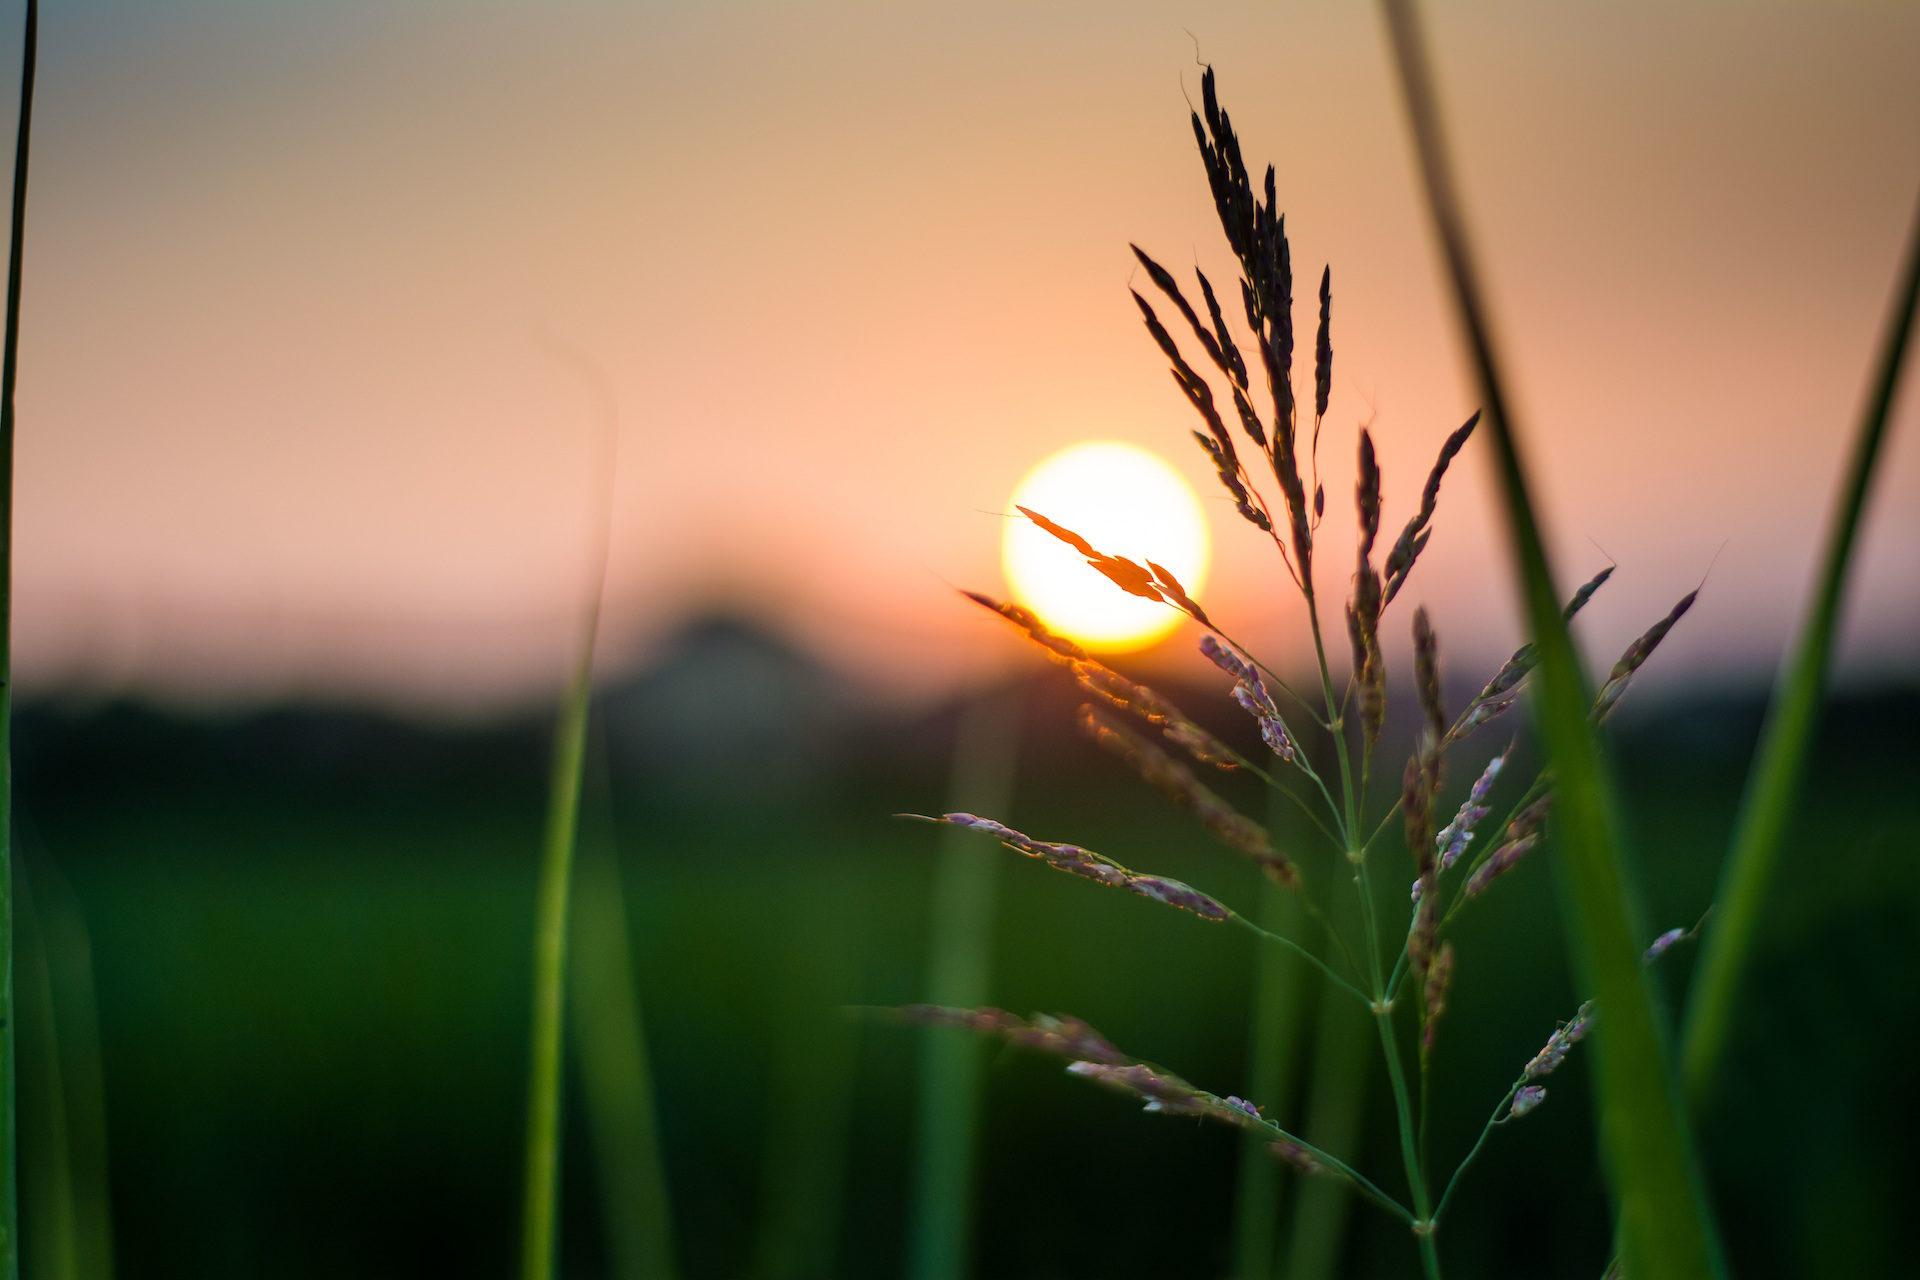 Sole, luminosità, Tramonto, piano terra, Verde - Sfondi HD - Professor-falken.com